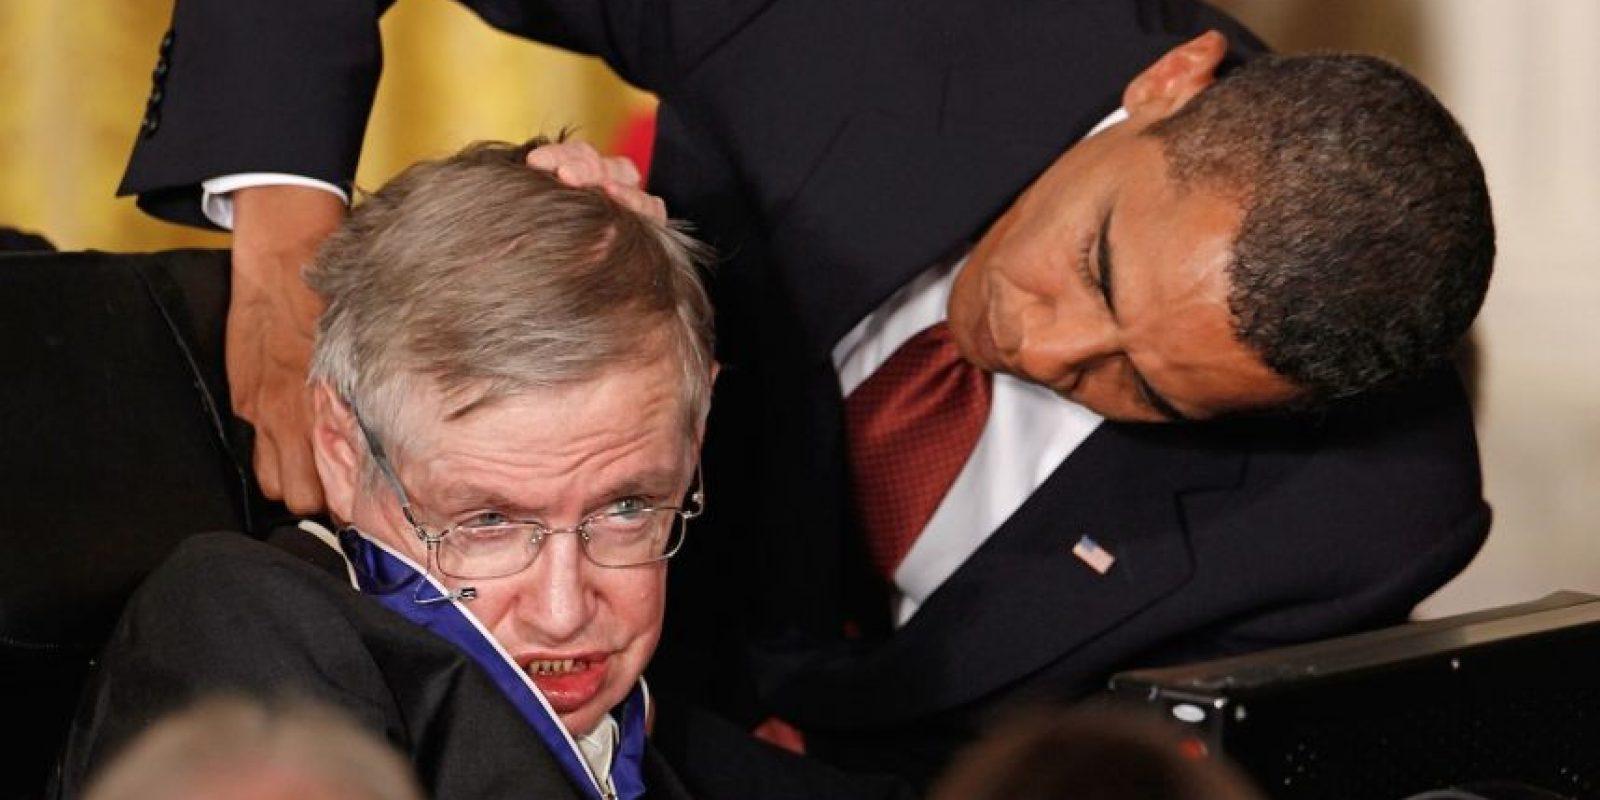 10.- Recibió la Medalla Presidencial de la Libertad, el mayor reconocimiento que otorga el gobierno de los Estados Unidos. Foto:Getty Images